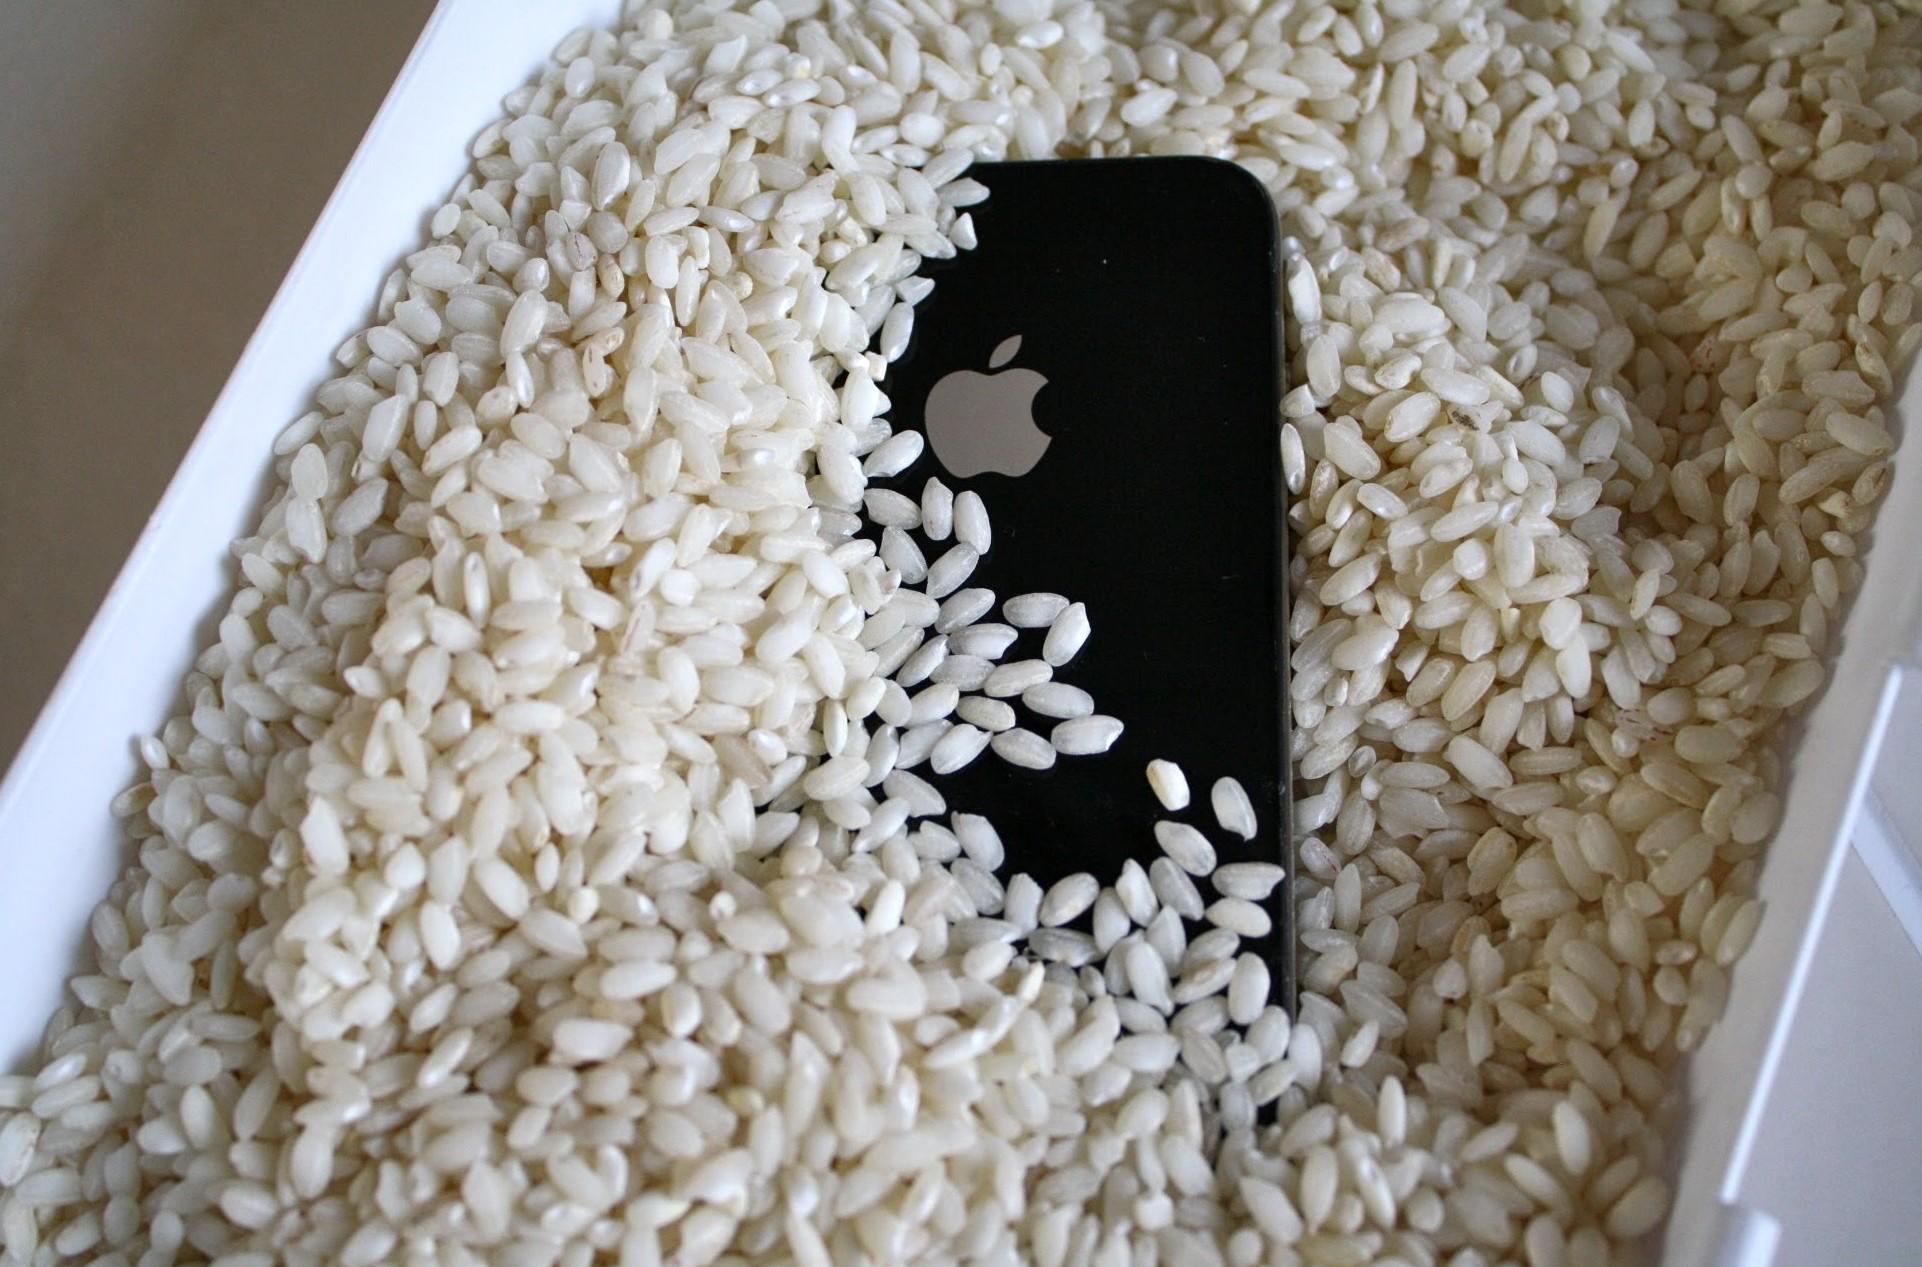 smartfon v ryži